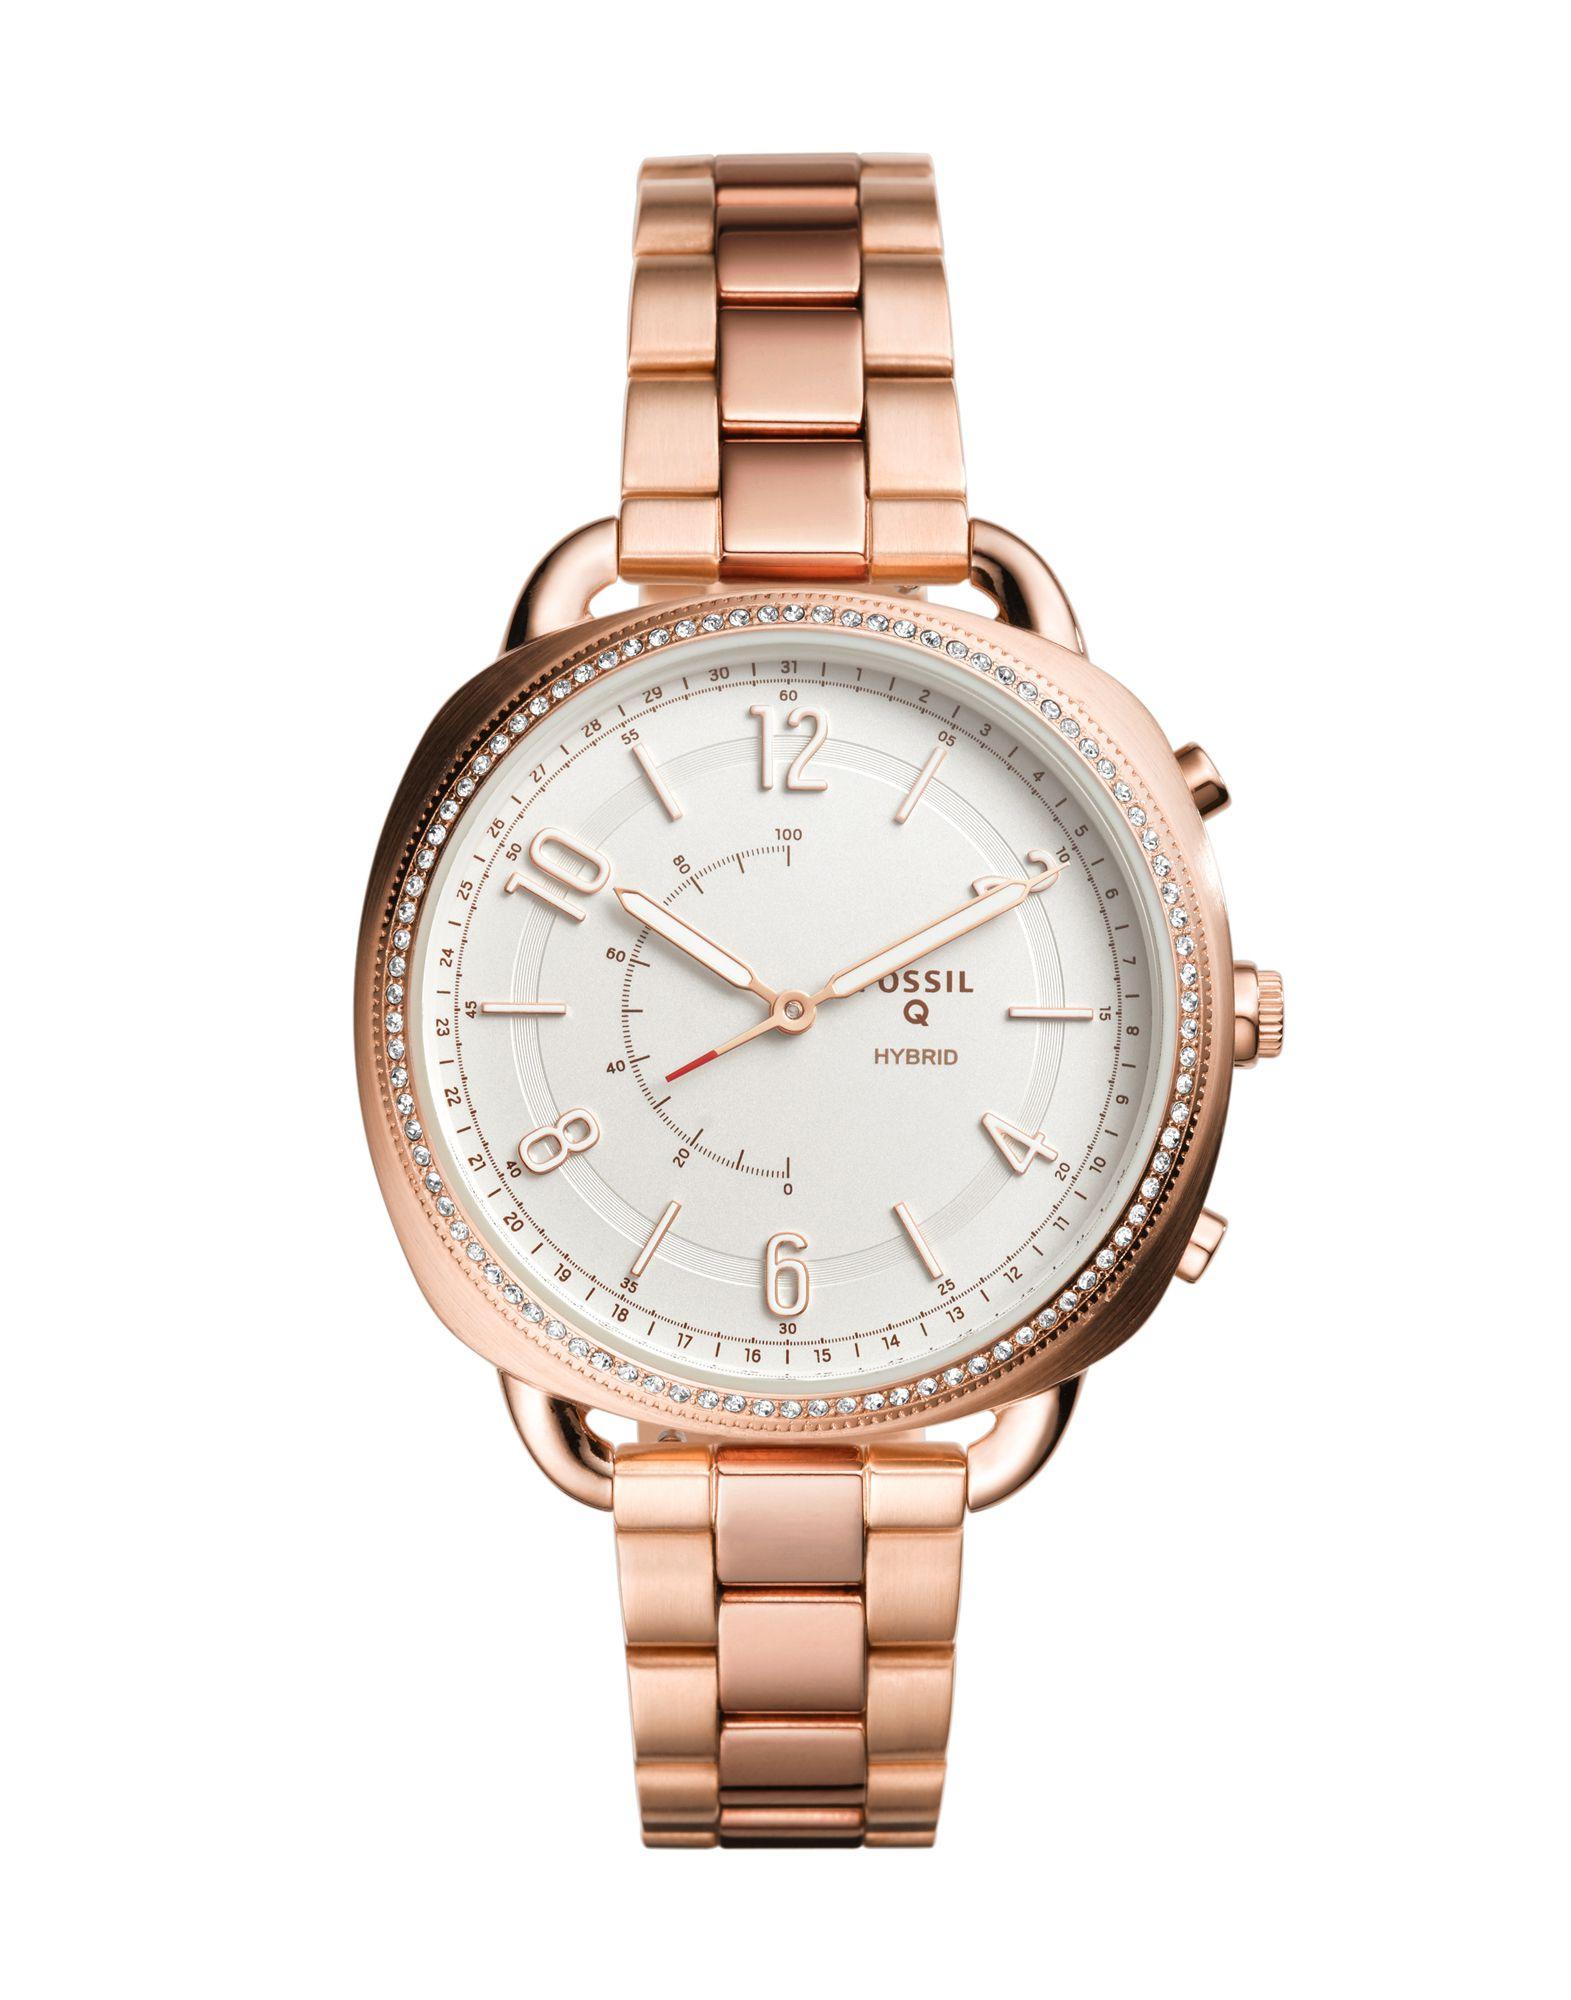 FOSSIL Q Herren Smartwatch Farbe Kupfer Größe 1 - broschei